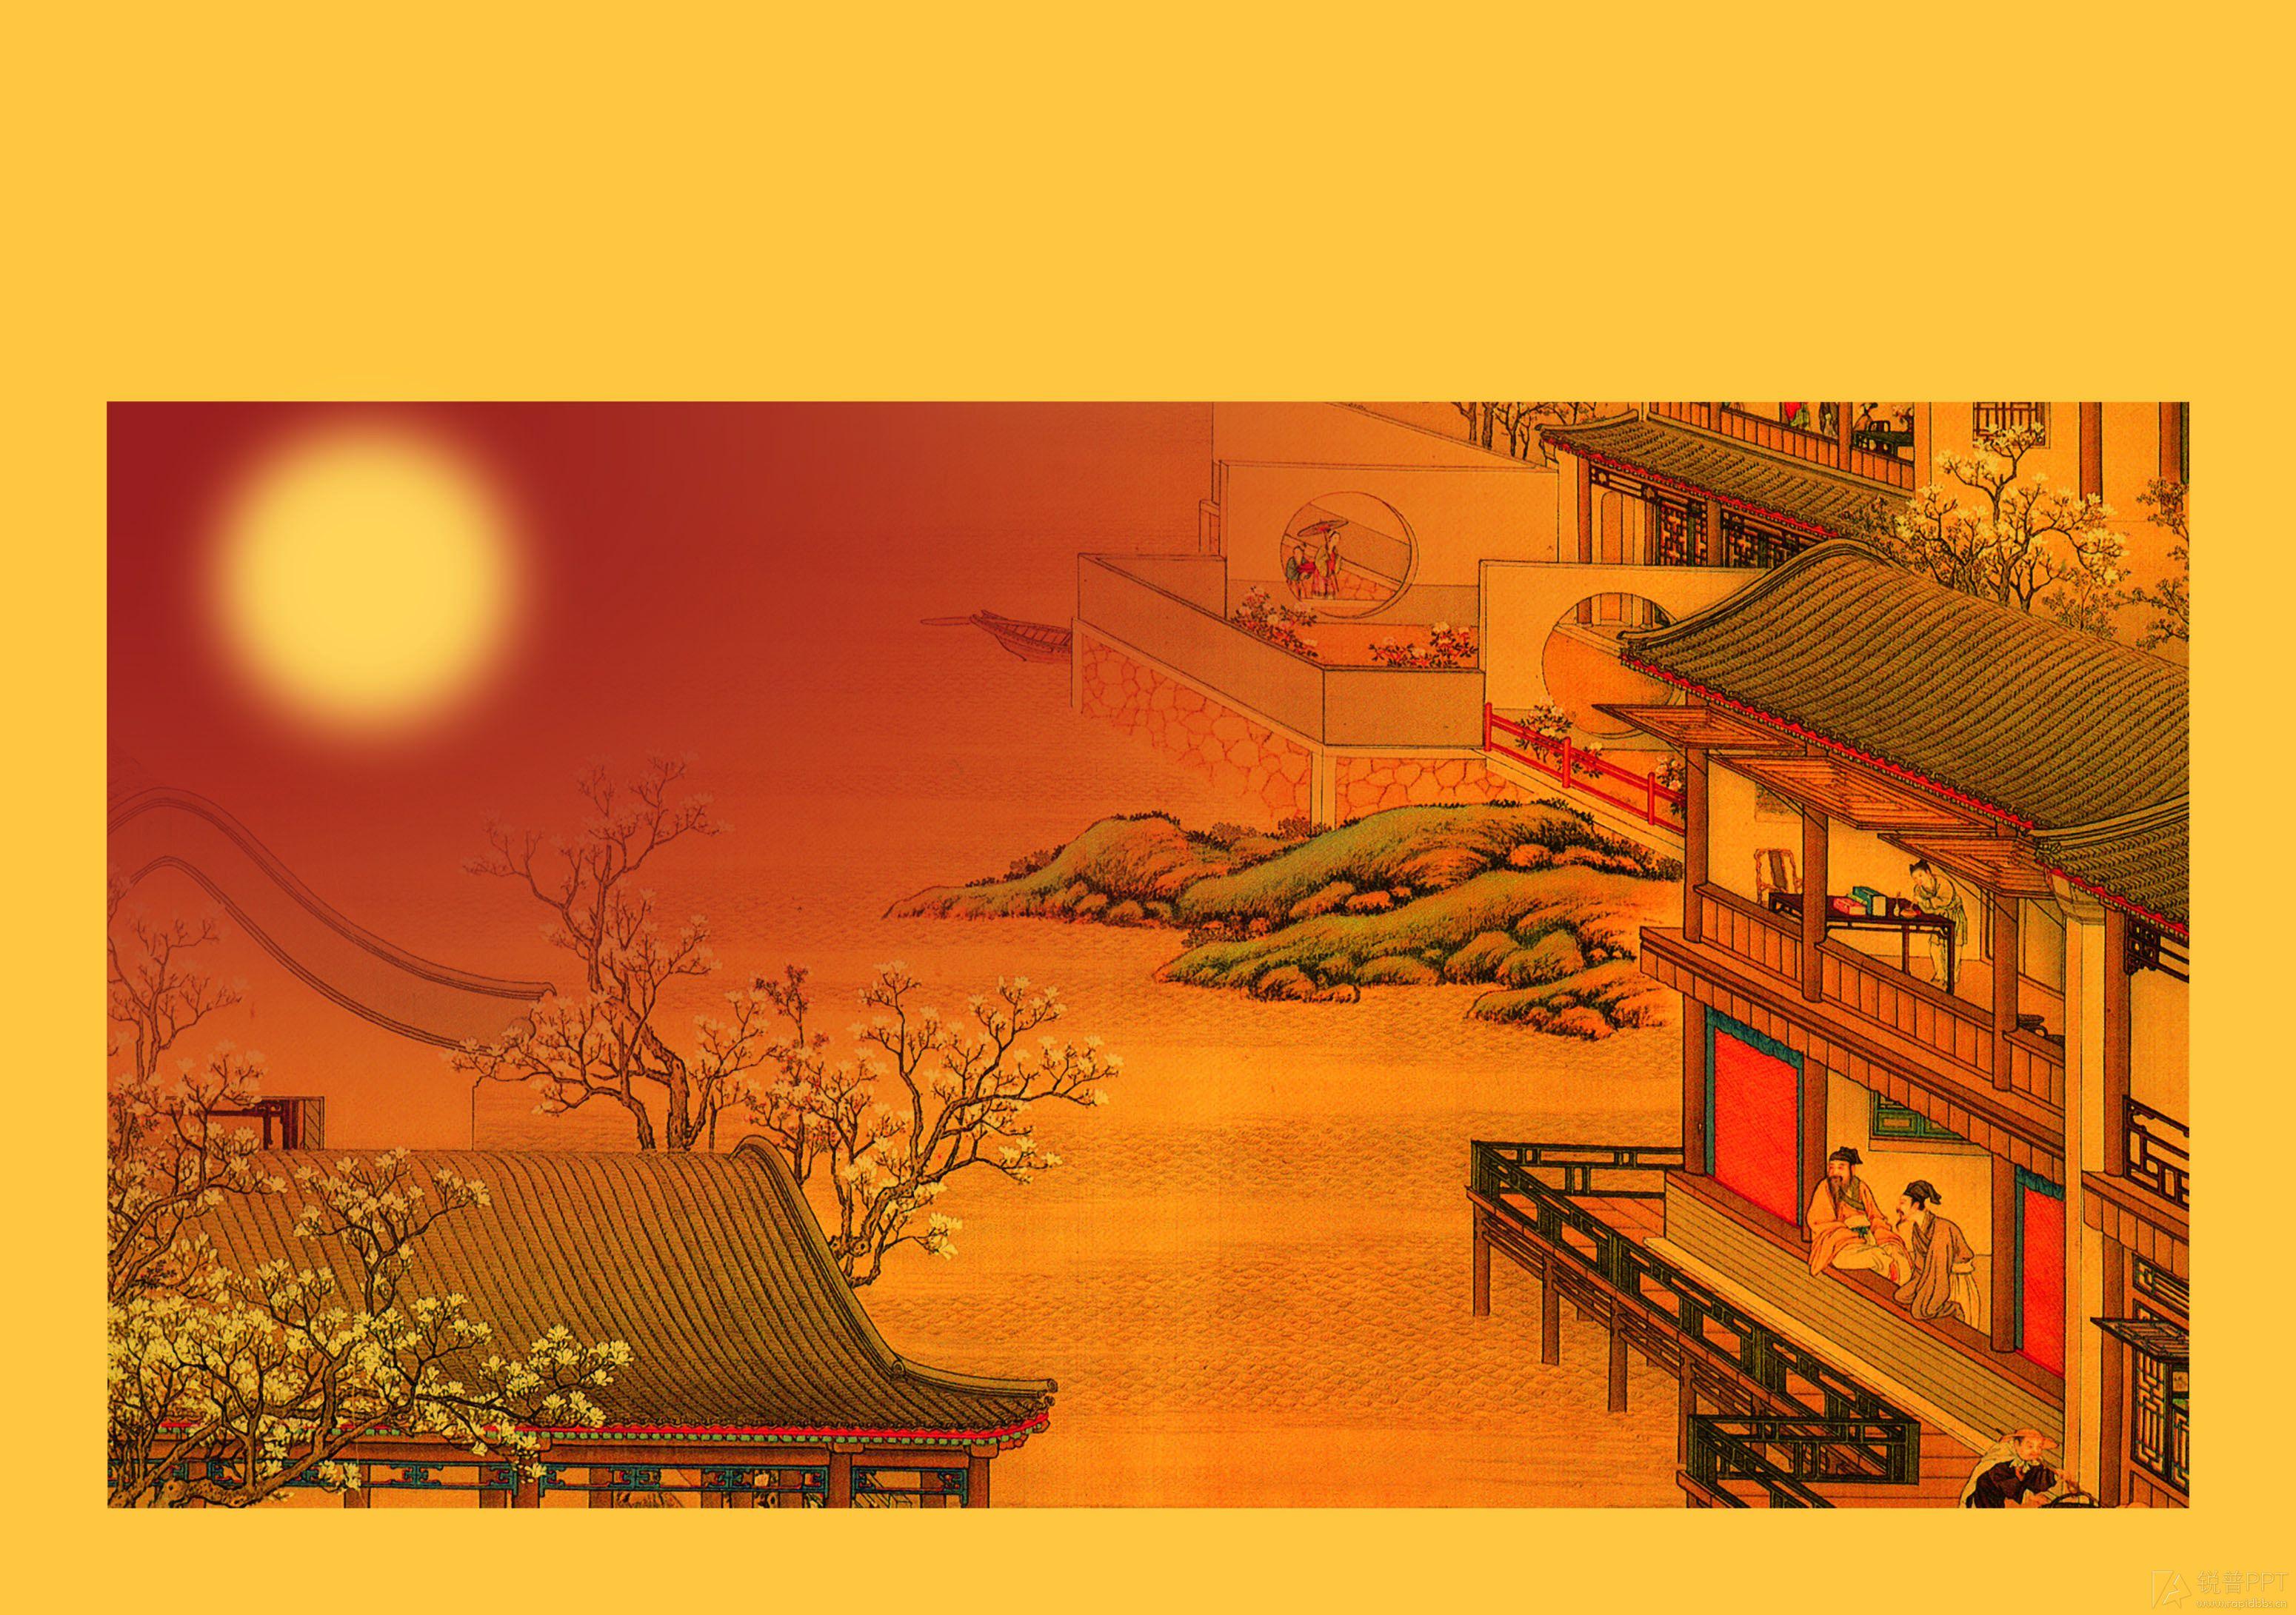 另类中秋背景图片(高清3张) - 图片素材 - 锐普ppt